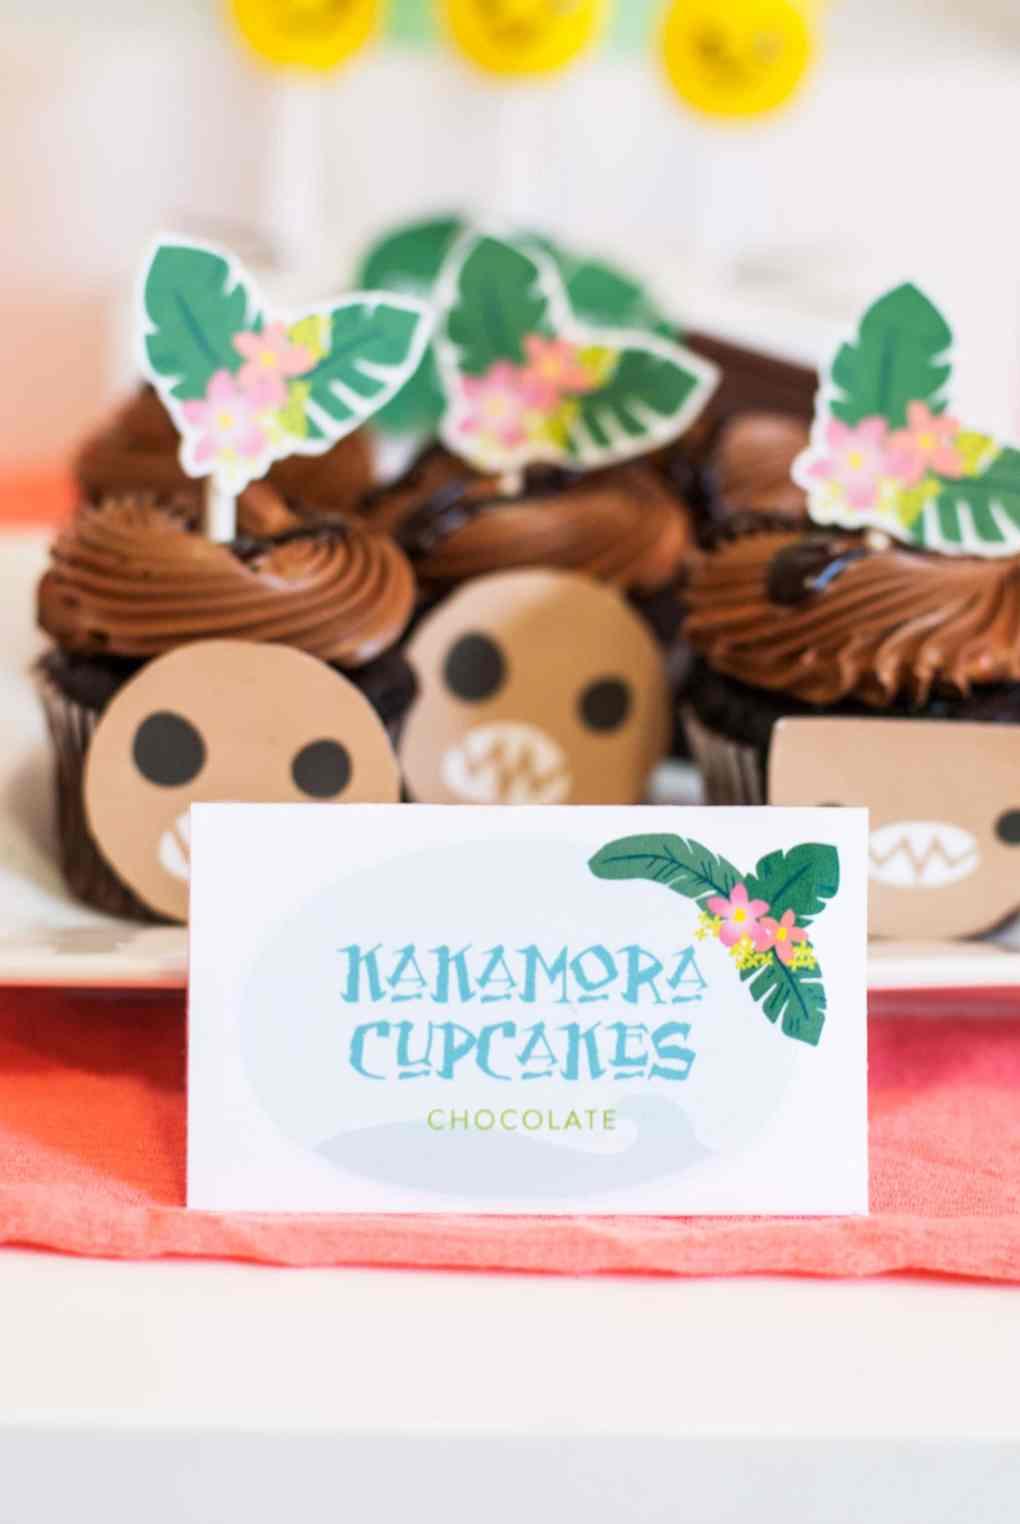 Moana Birthday Party Ideas Kakamora Cupcakes - Project Nursery